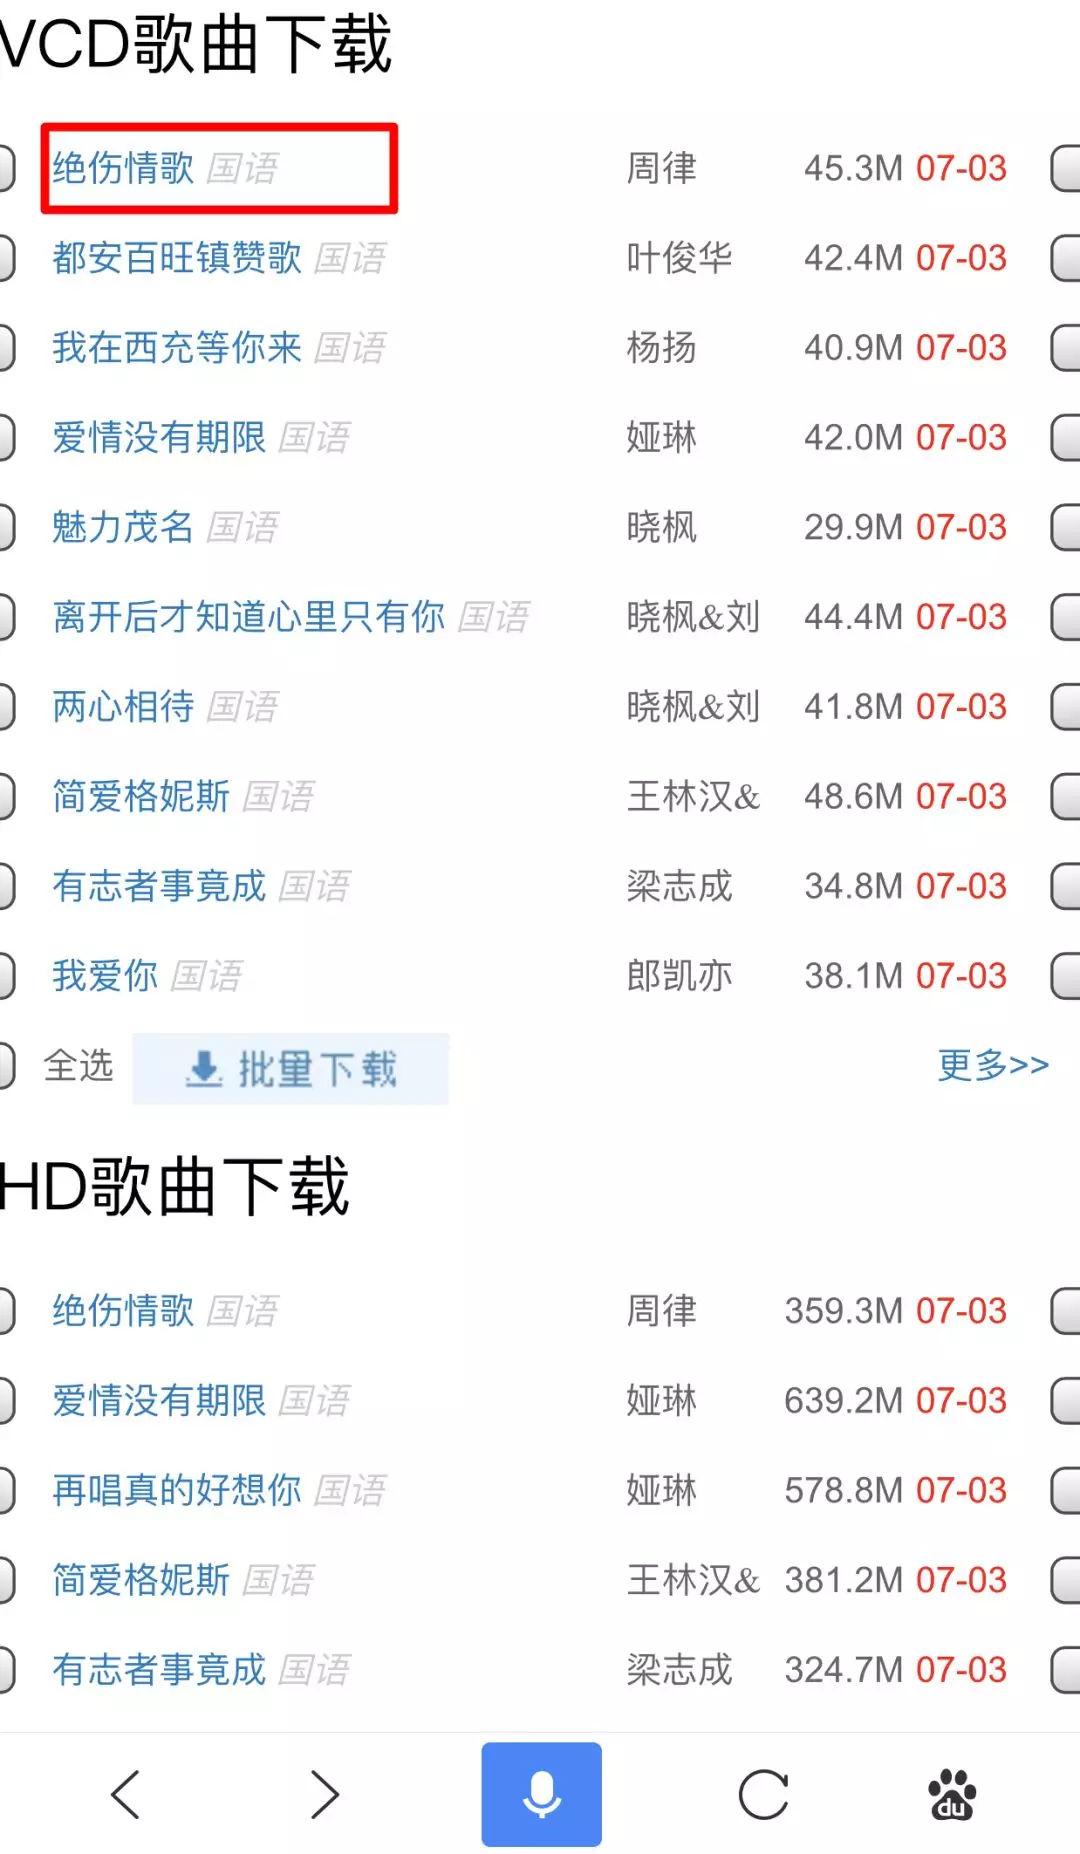 2019伤感情歌歌曲排行_伤感歌曲排行榜,2019最好听的伤感歌曲火遍大江南